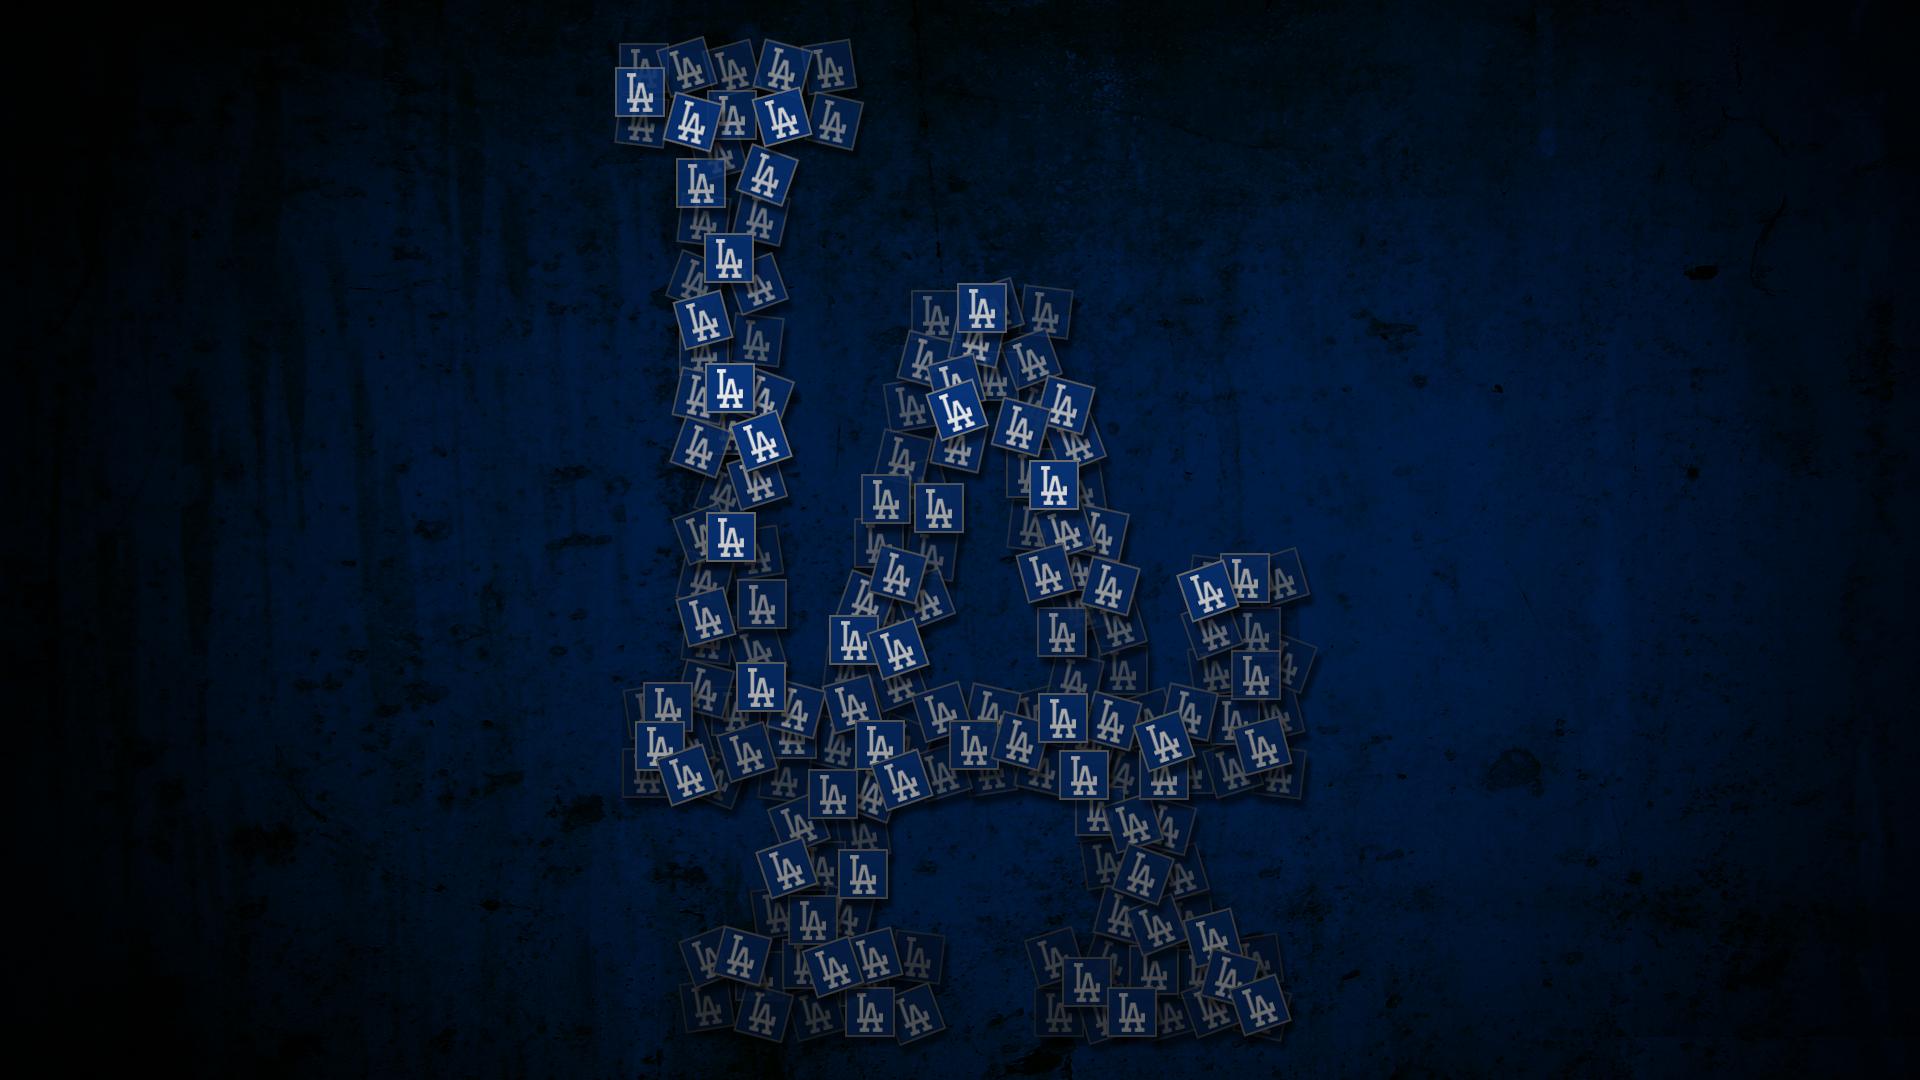 Dodgers post its wallpapers sharovarka pinterest fondos de fondos de pantalla dodgers post its wallpapers altavistaventures Images